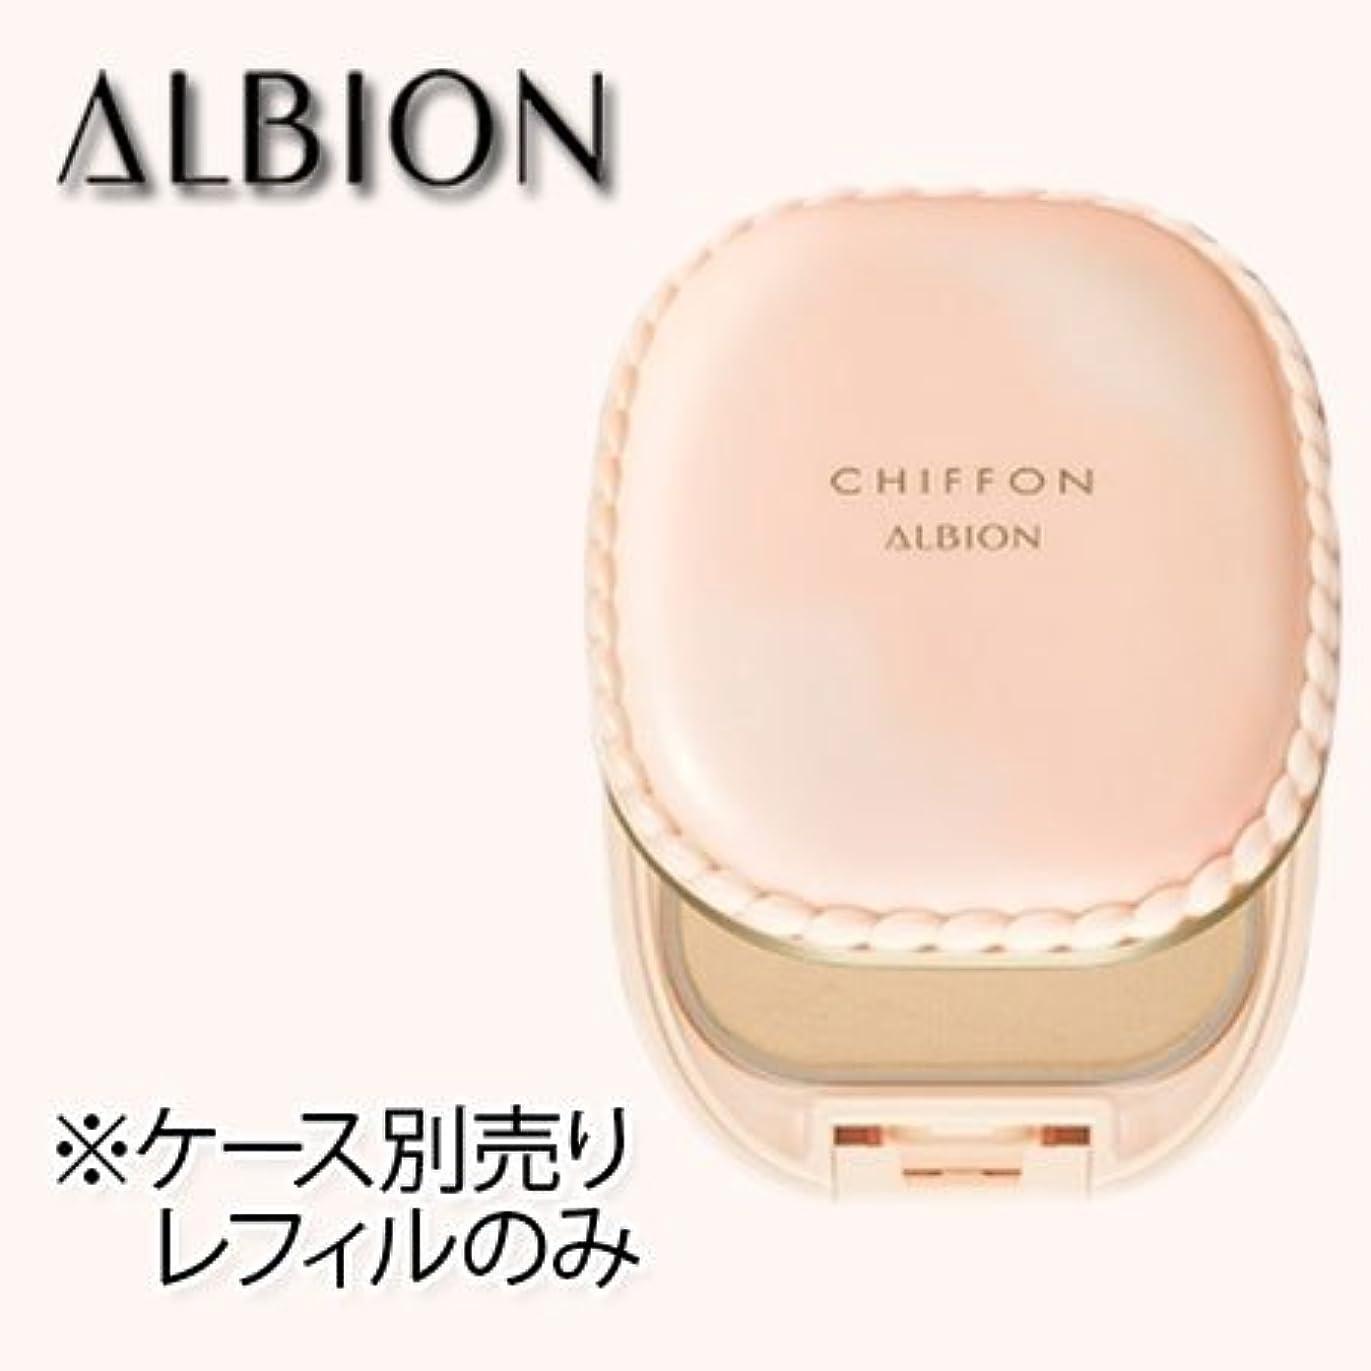 悲しいことに正確ごみアルビオン スウィート モイスチュア シフォン (レフィル) 10g 6色 SPF22 PA++-ALBION- 050